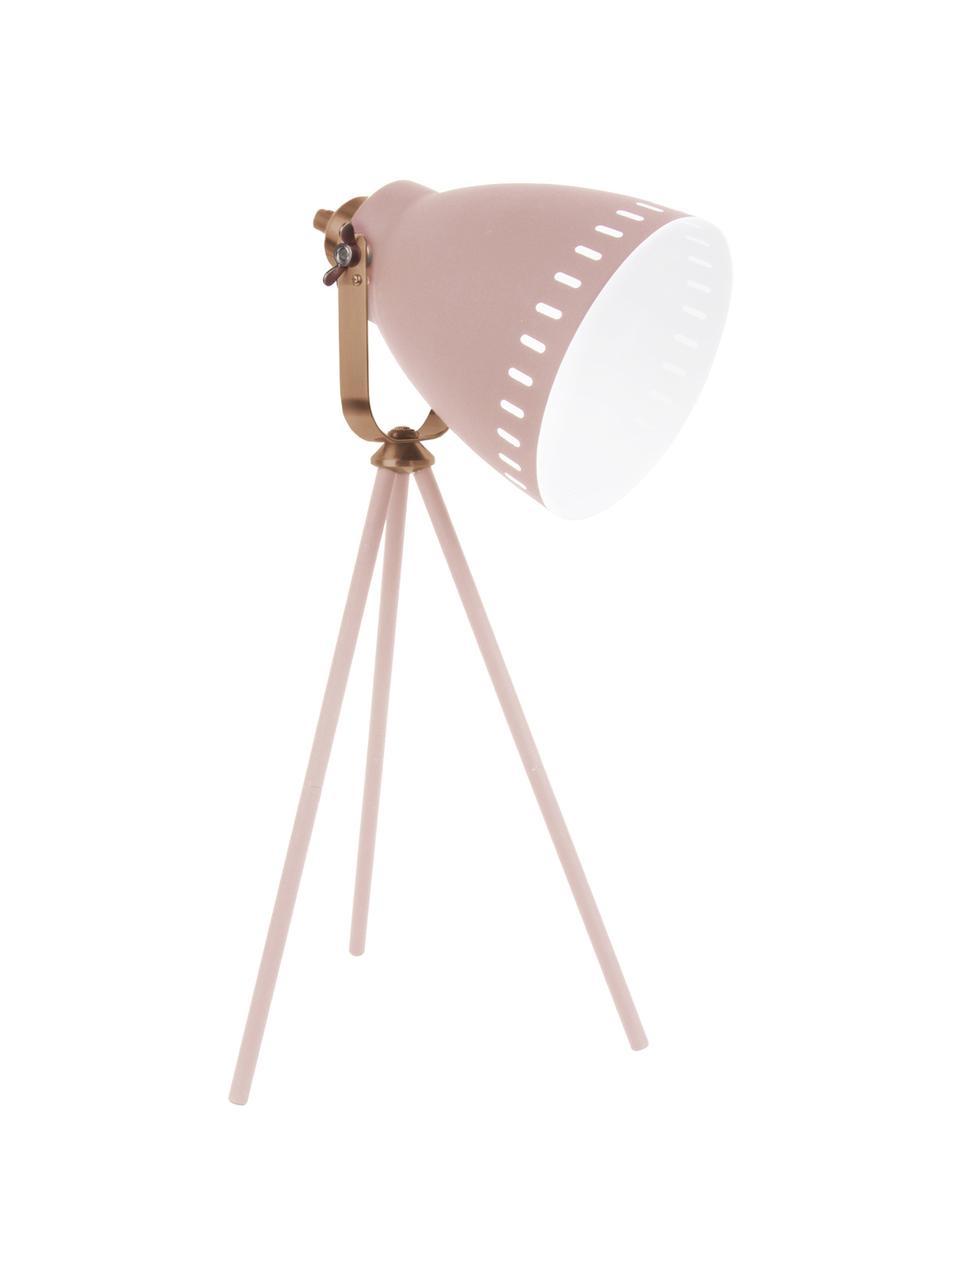 Große Tripod Schreibtischlampe Mingle mit Kupfer-Dekor, Lampenschirm: Eisen, lackiert, Lampenfuß: Eisen, lackiert, Dekor: Messing, lackiert, Weiß, Kupferfarben, 27 x 54 cm